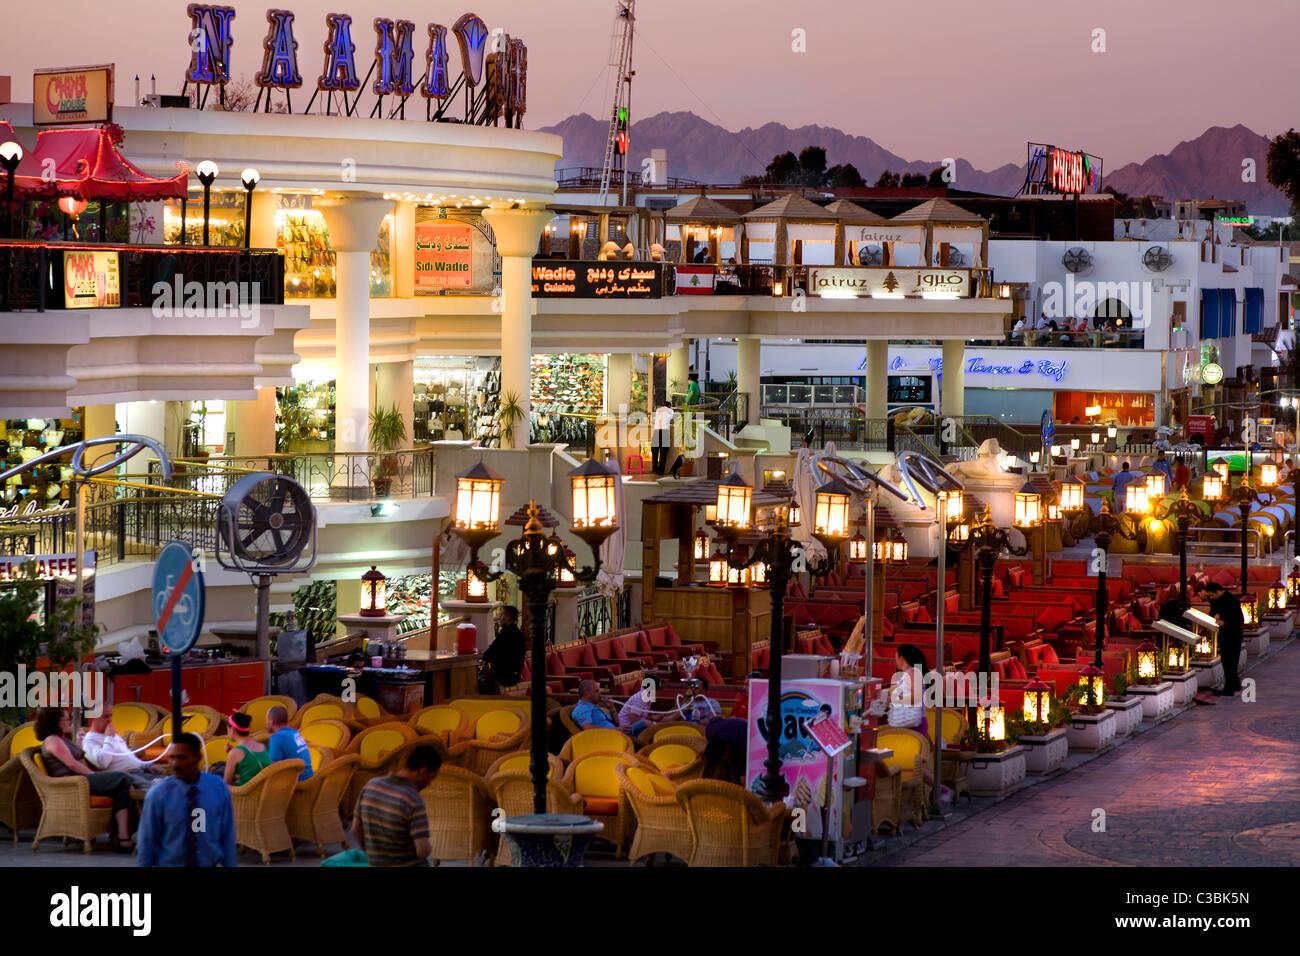 Entrada exterior del centro comercial en el centro de Naama Naama Bay, sharme El sheik. Egipto el rey de Bahrein Imagen De Stock